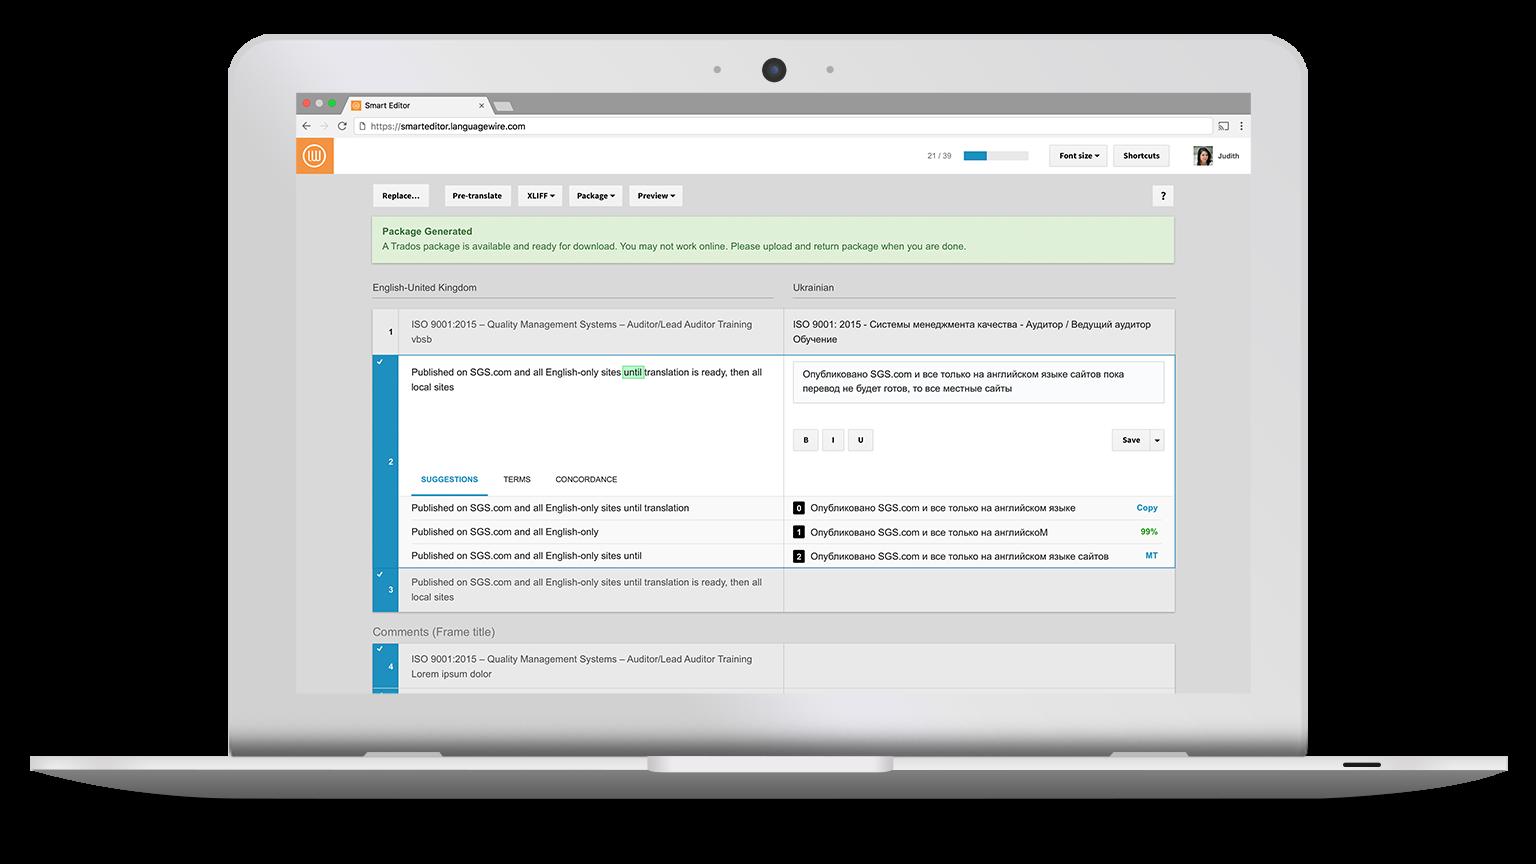 Smart Editor gjør at språkekspertene kan fokusere på selve innholdet fremfor oversettelsestekniske detaljer.